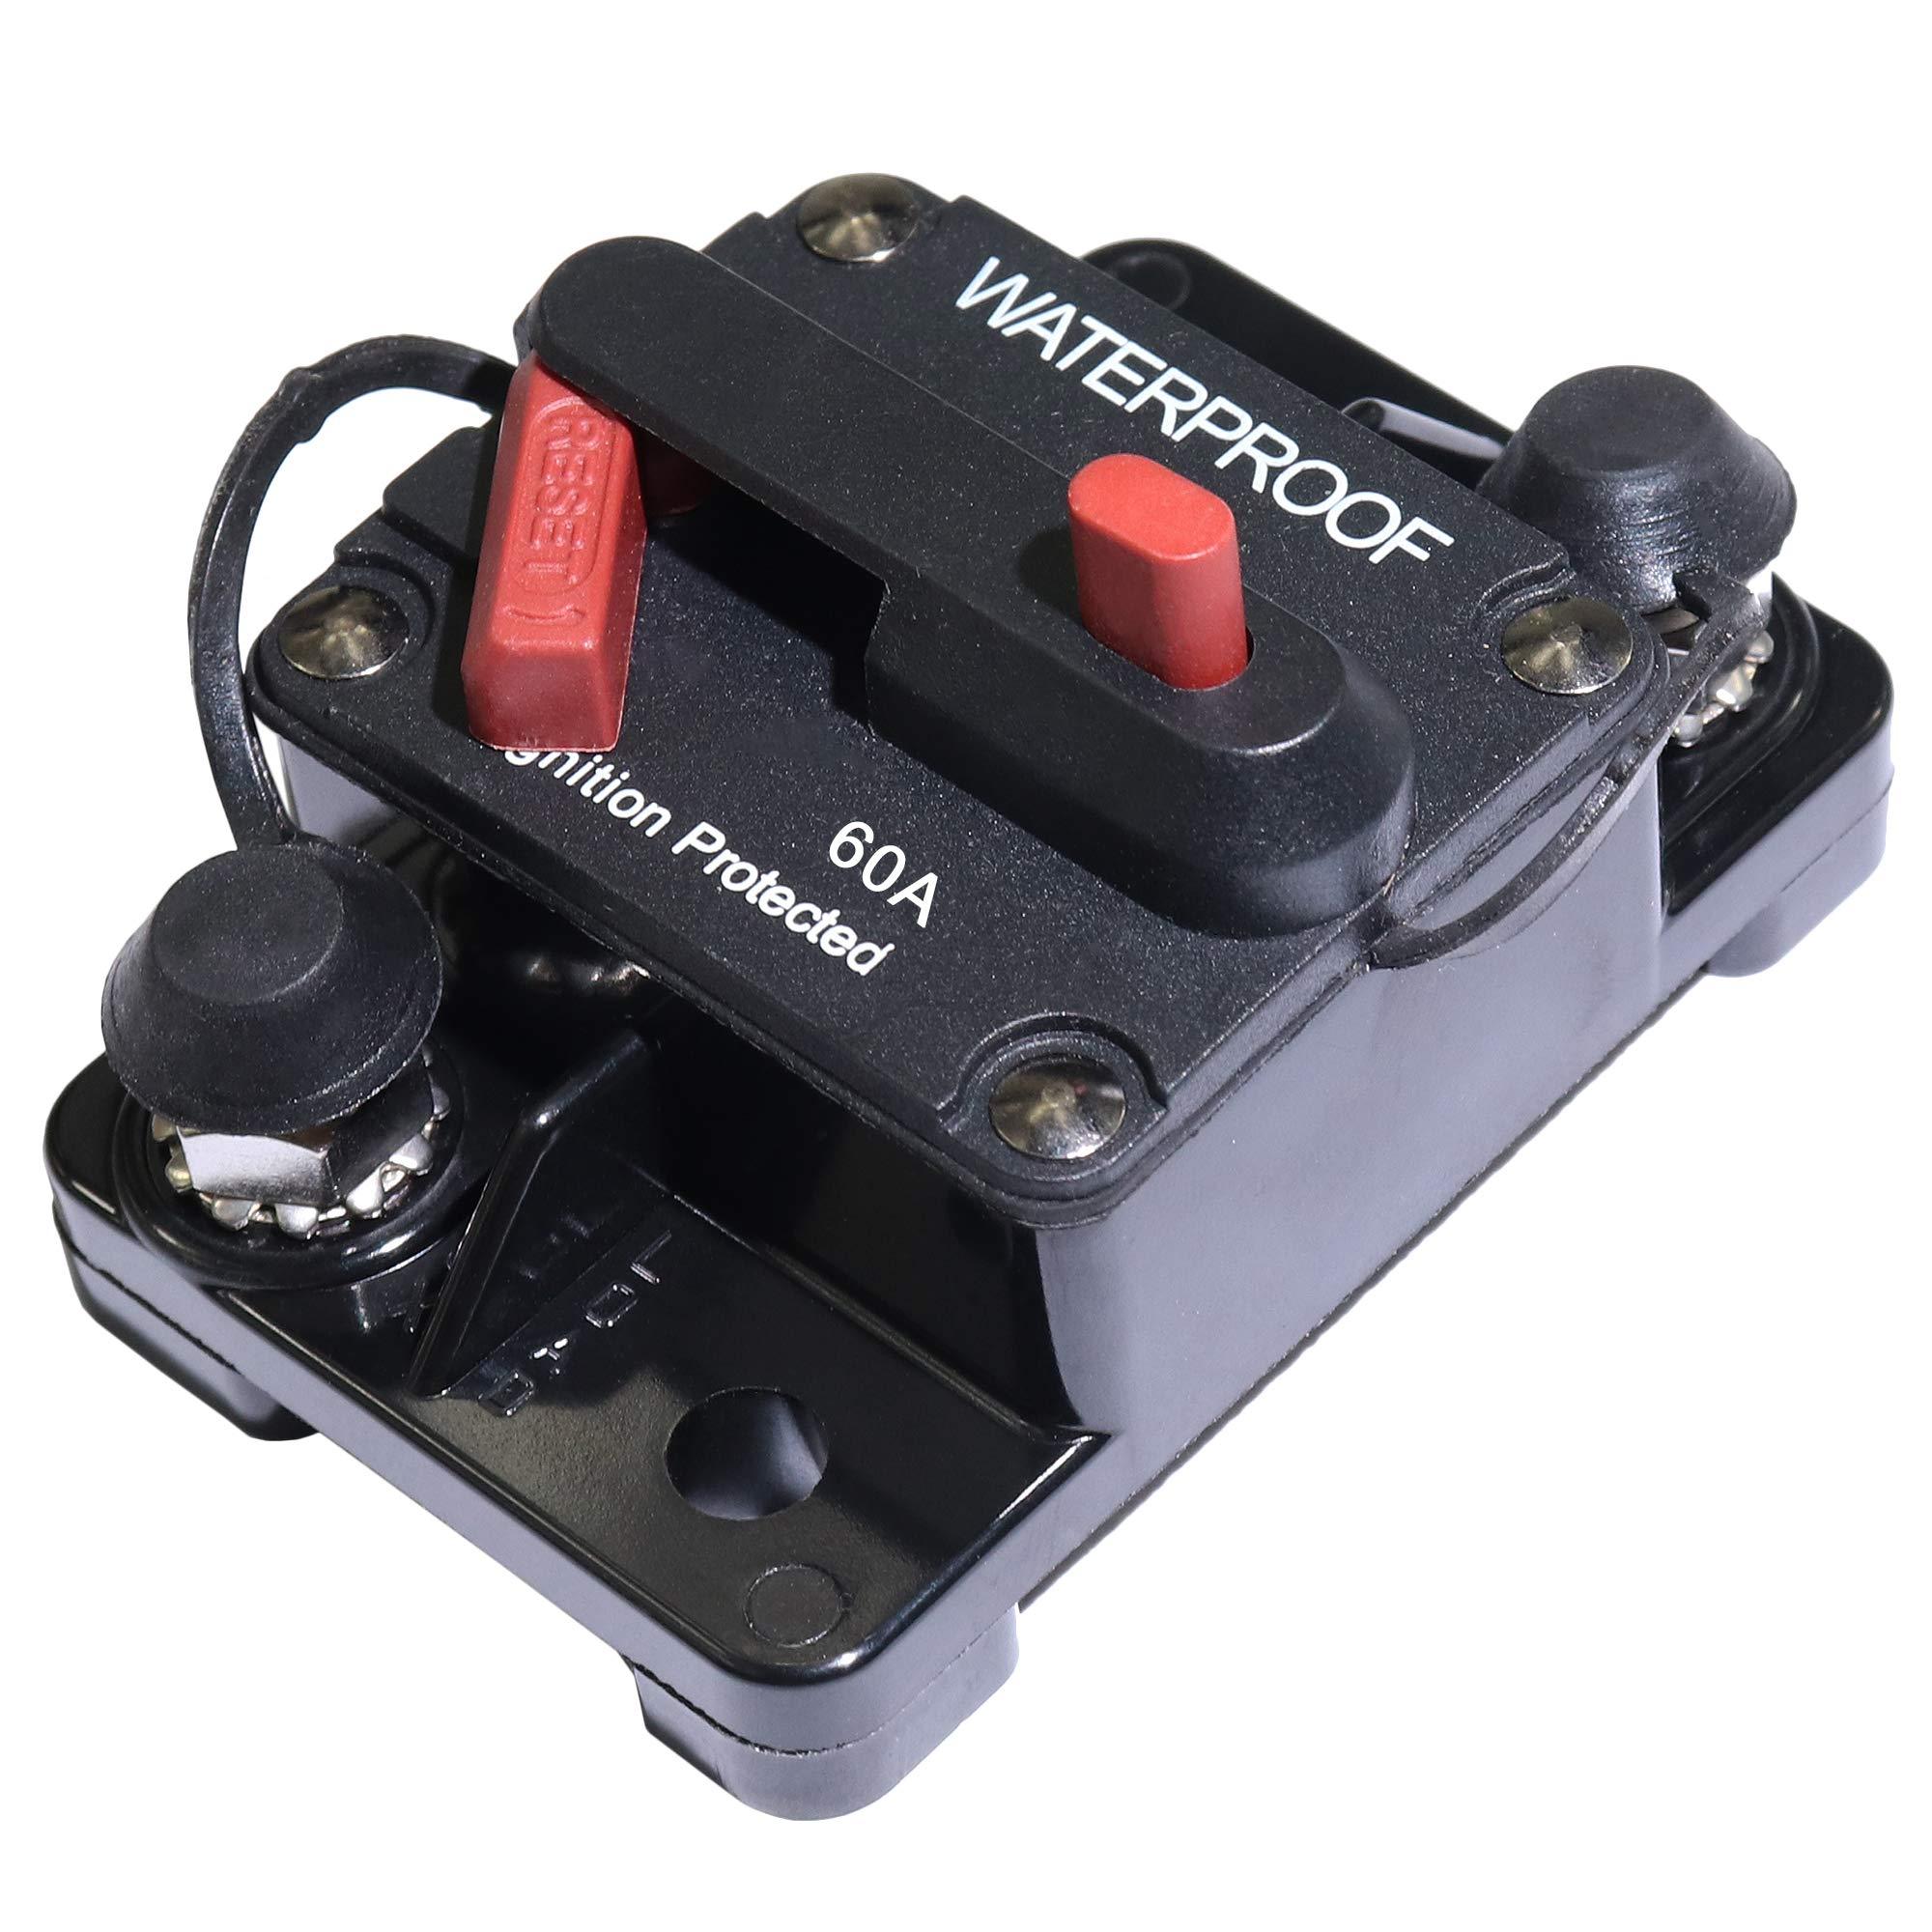 60 Amp Circuit Breaker Manual Power Fuse Reset